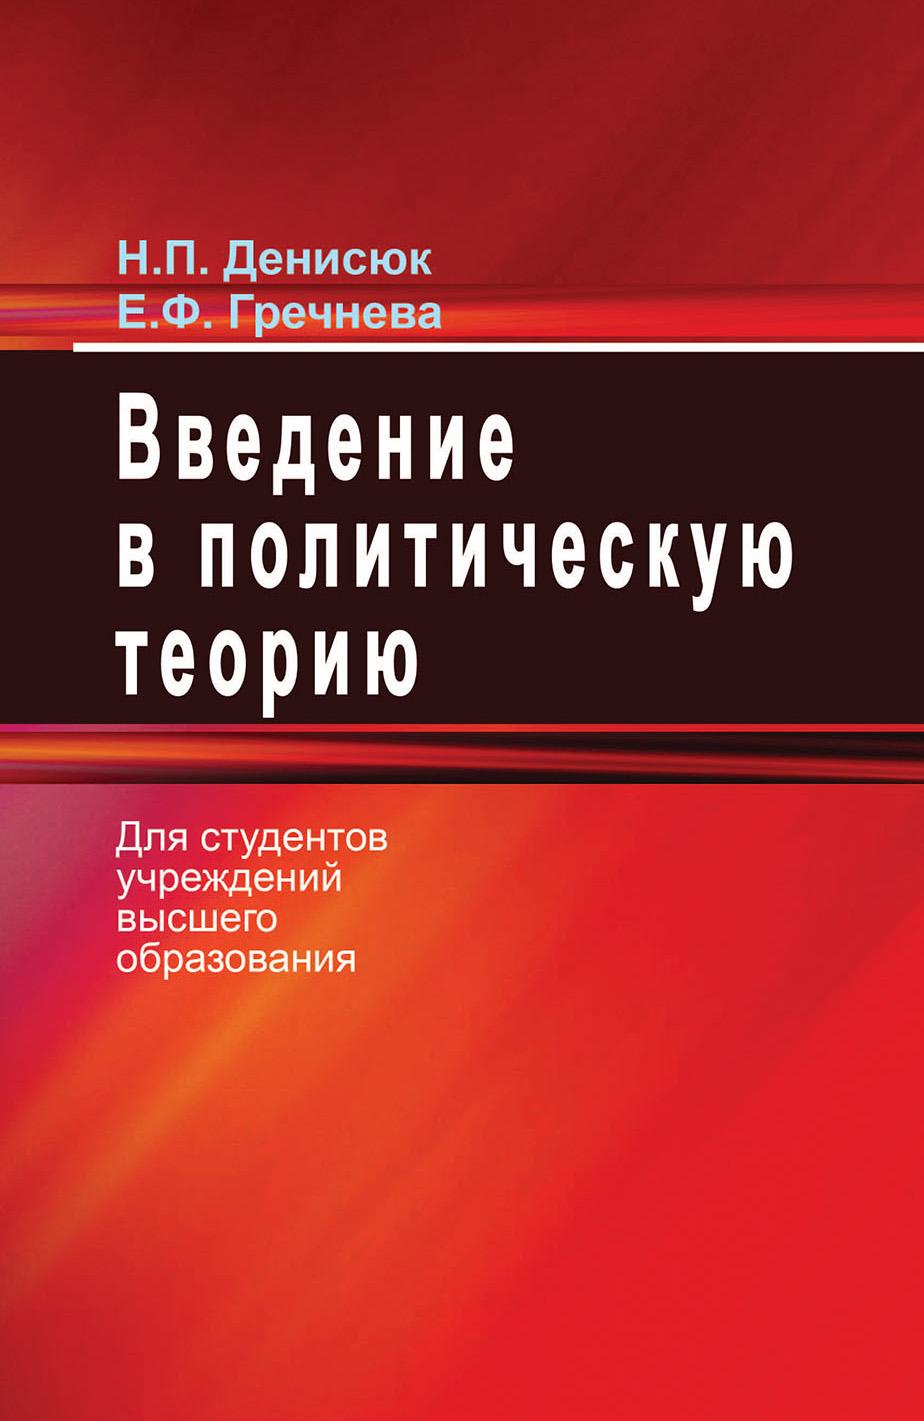 Введение в политическую теорию ( Н. П. Денисюк  )